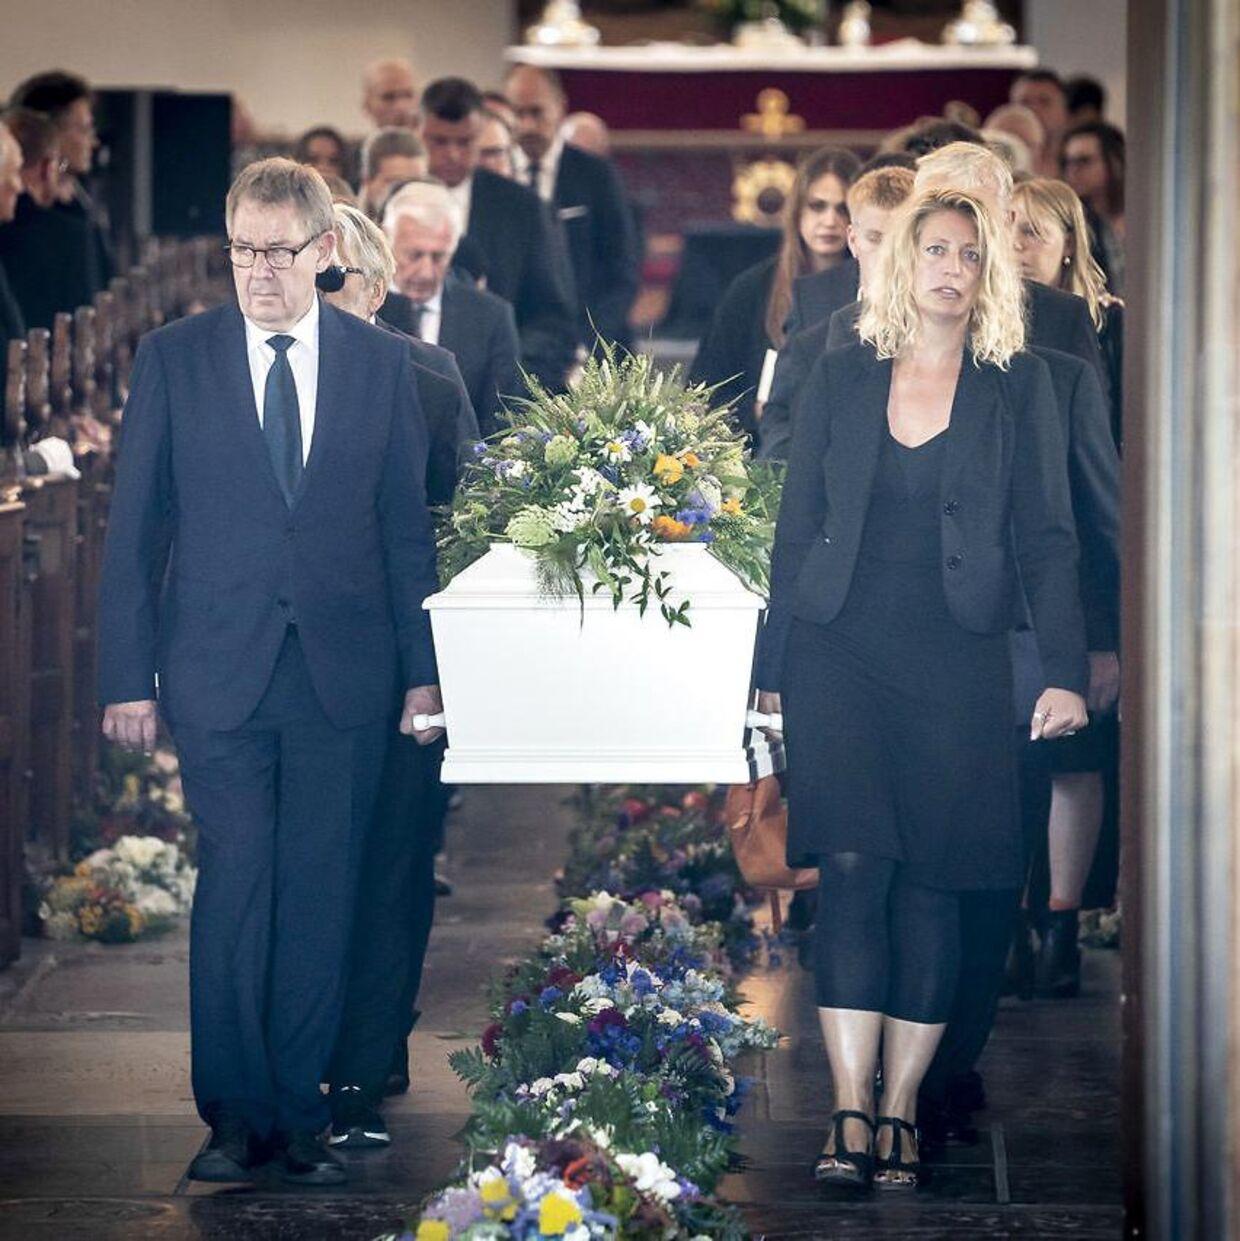 Poul Nyrup Rasmussen og blandt andre Morten Østergaard fra Radikale Venstre og Lone Dybkjærs datter Mette Dybkjær bærer kisten ud efter bisættelsen af Lone Dybkjær fra Holmens Kirke i København, tirsdag den 28. juli 2020.